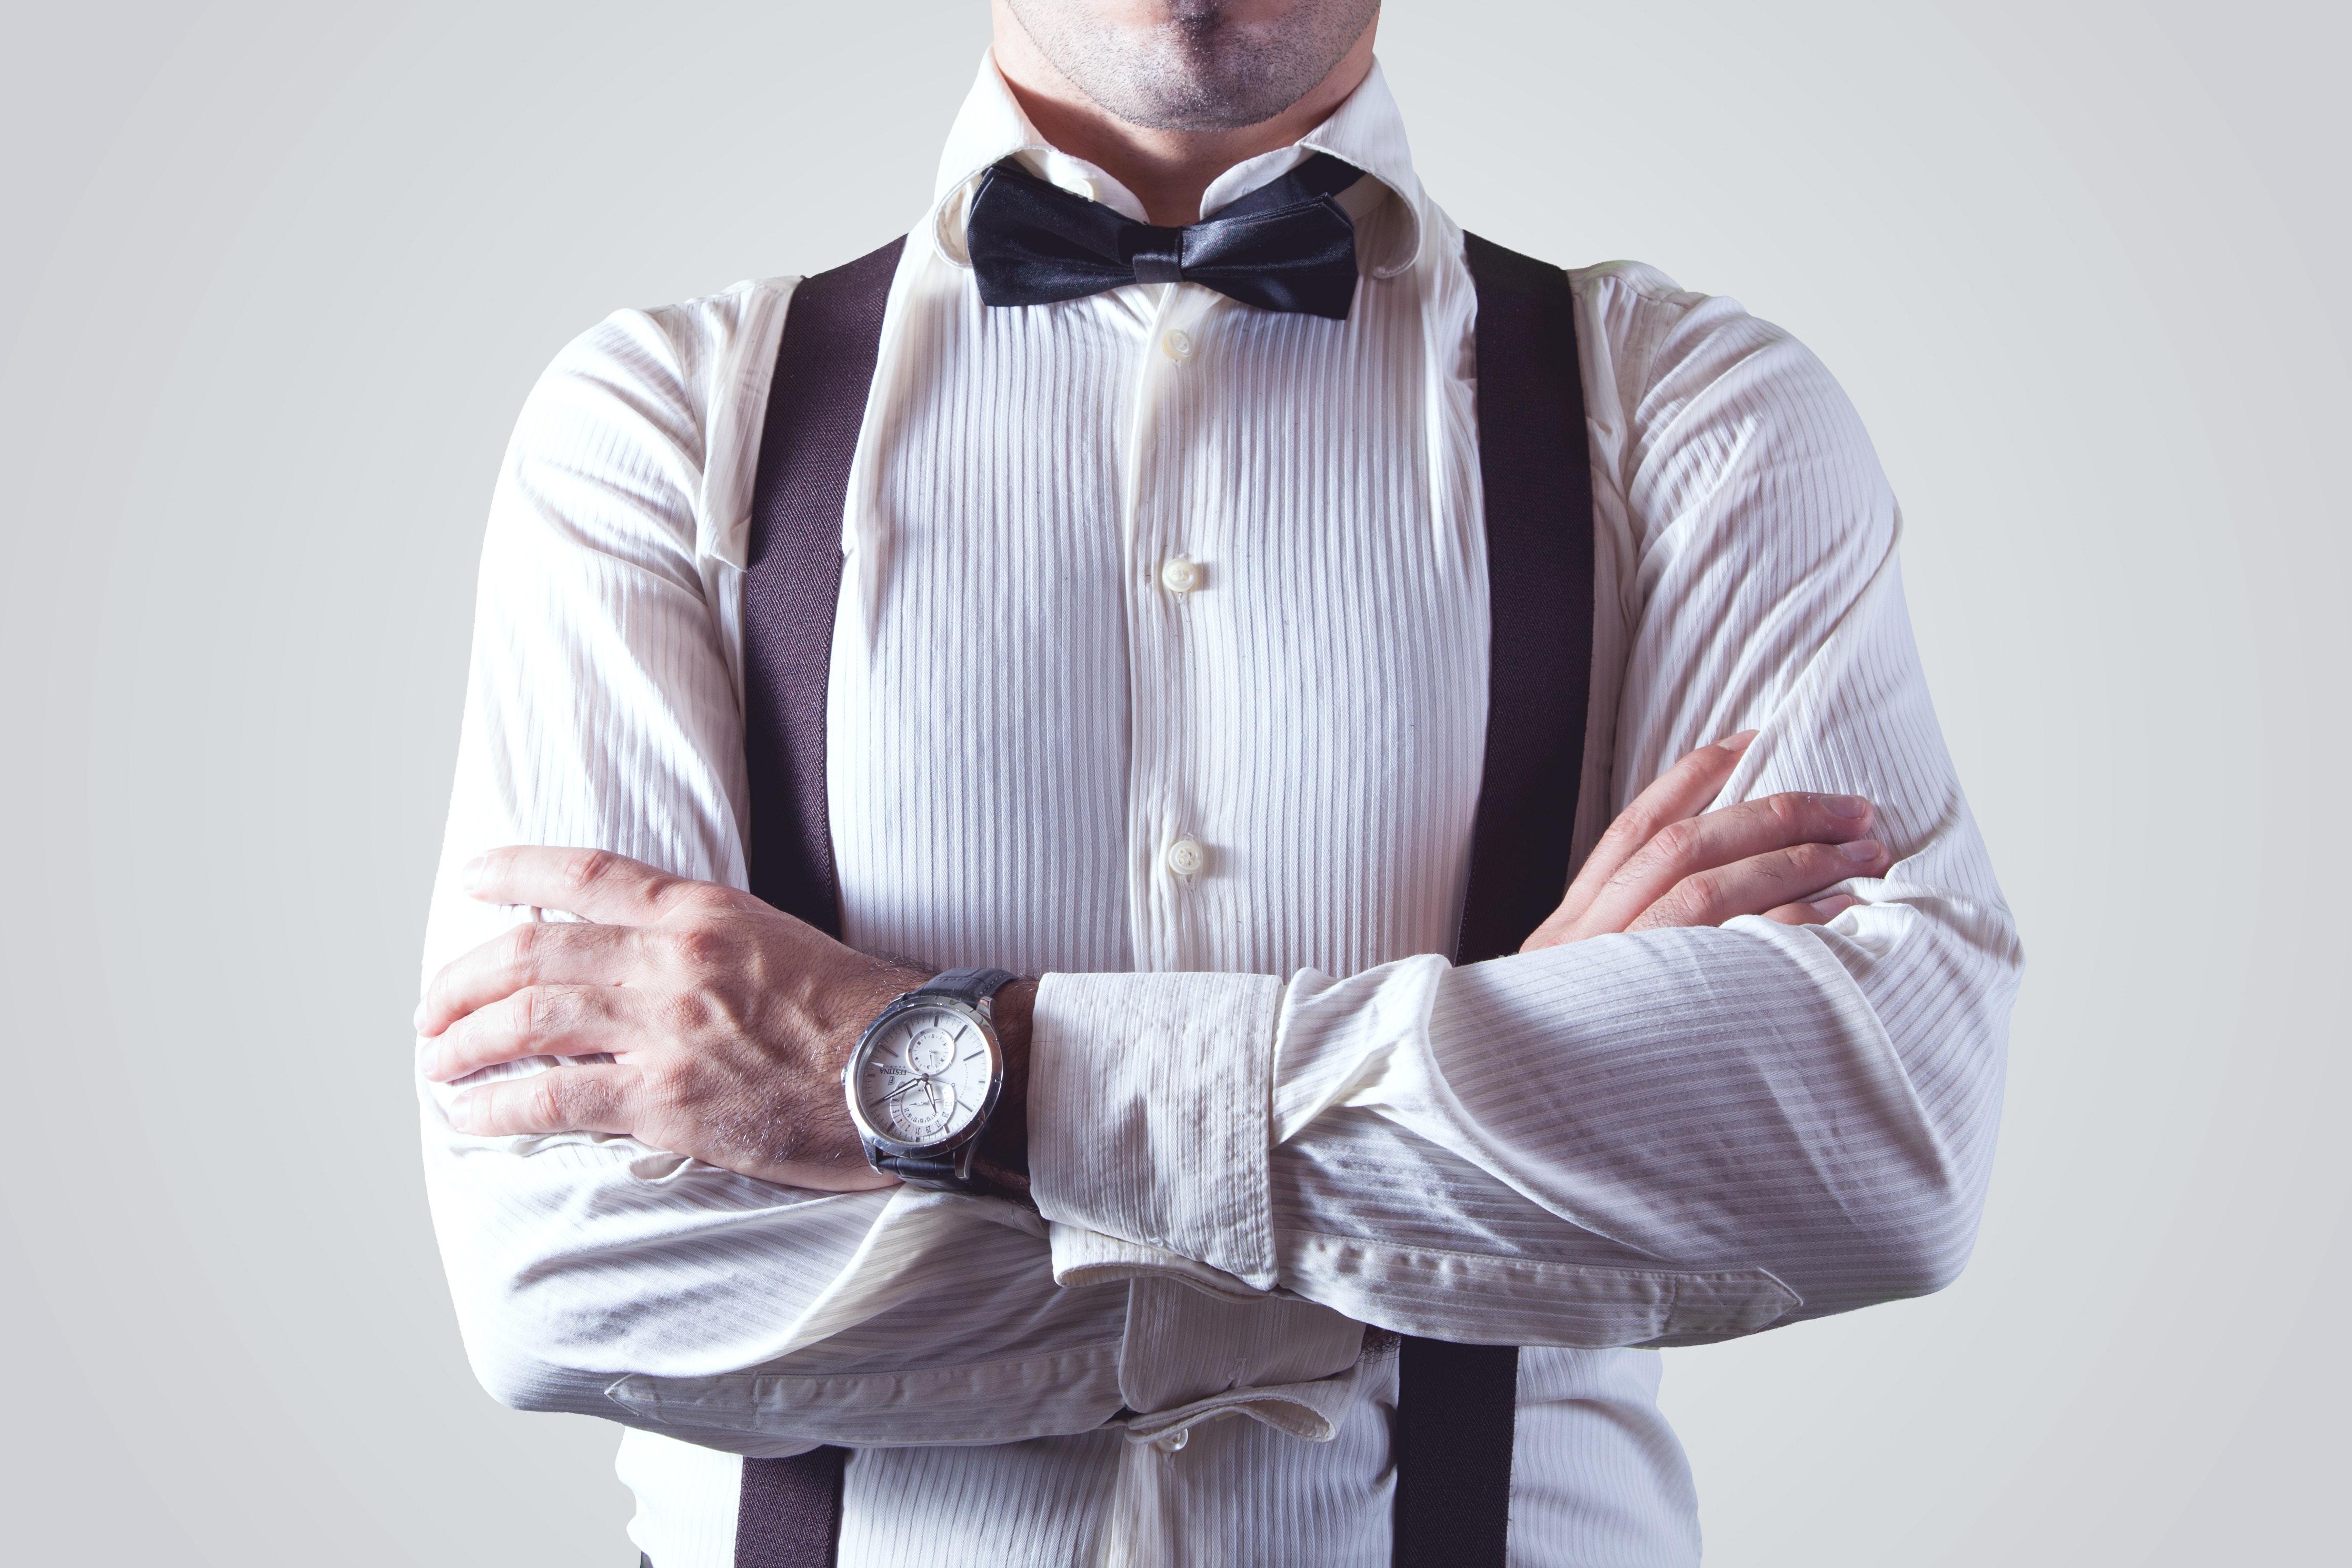 ۷ نکته برای تبدیل شدن به یک مدیر استارتاپ عالی!